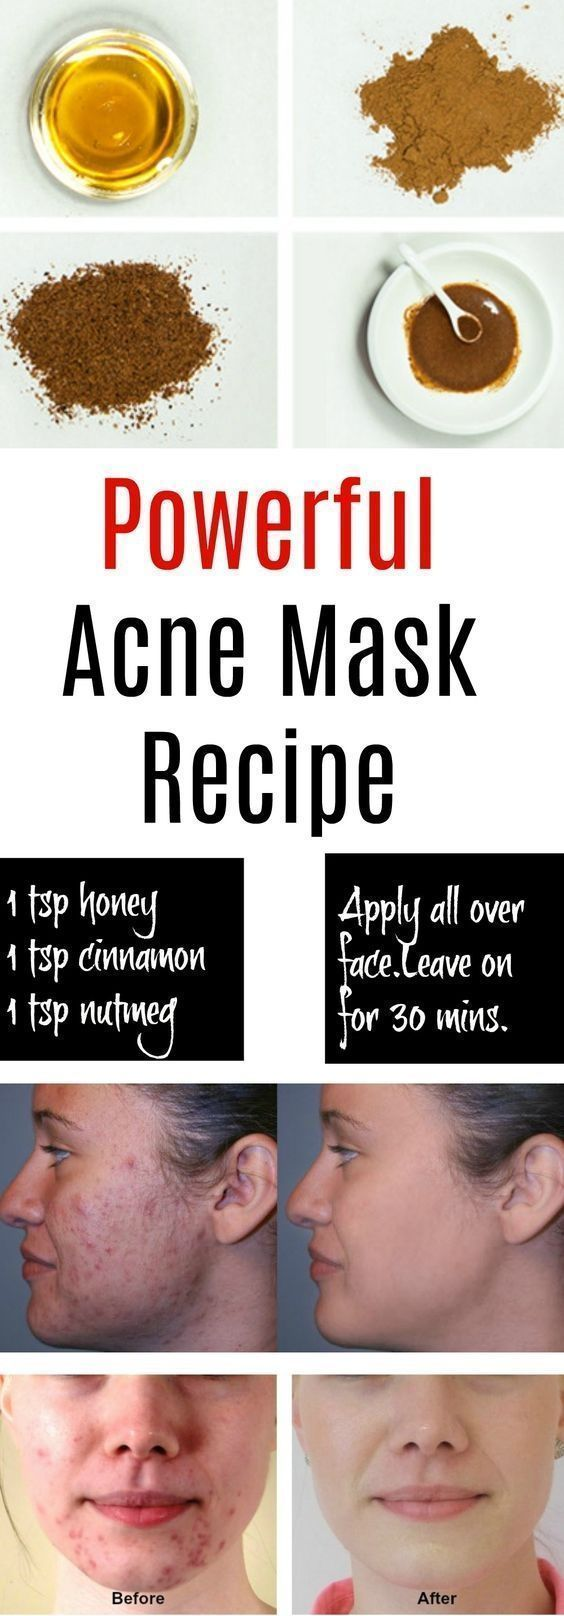 Honig-Zimt-Maske zur Behandlung von Akne #skin_care #skincarepacks